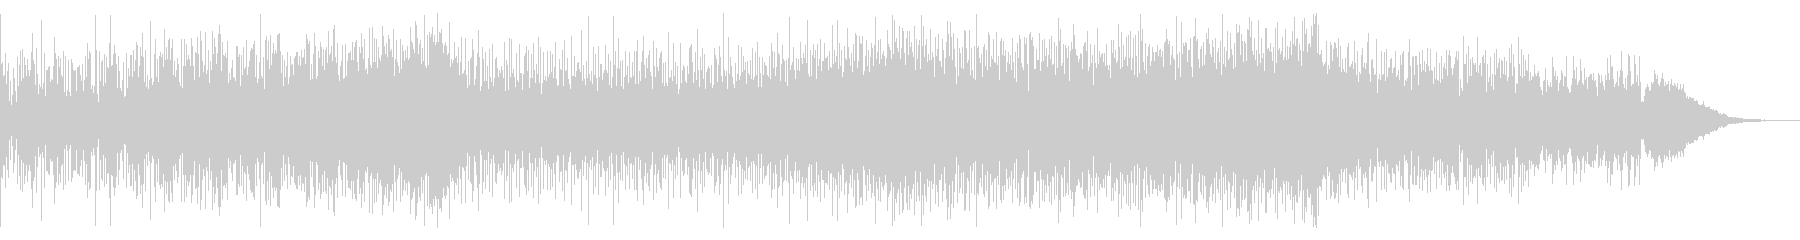 シネマティック07の未再生の波形